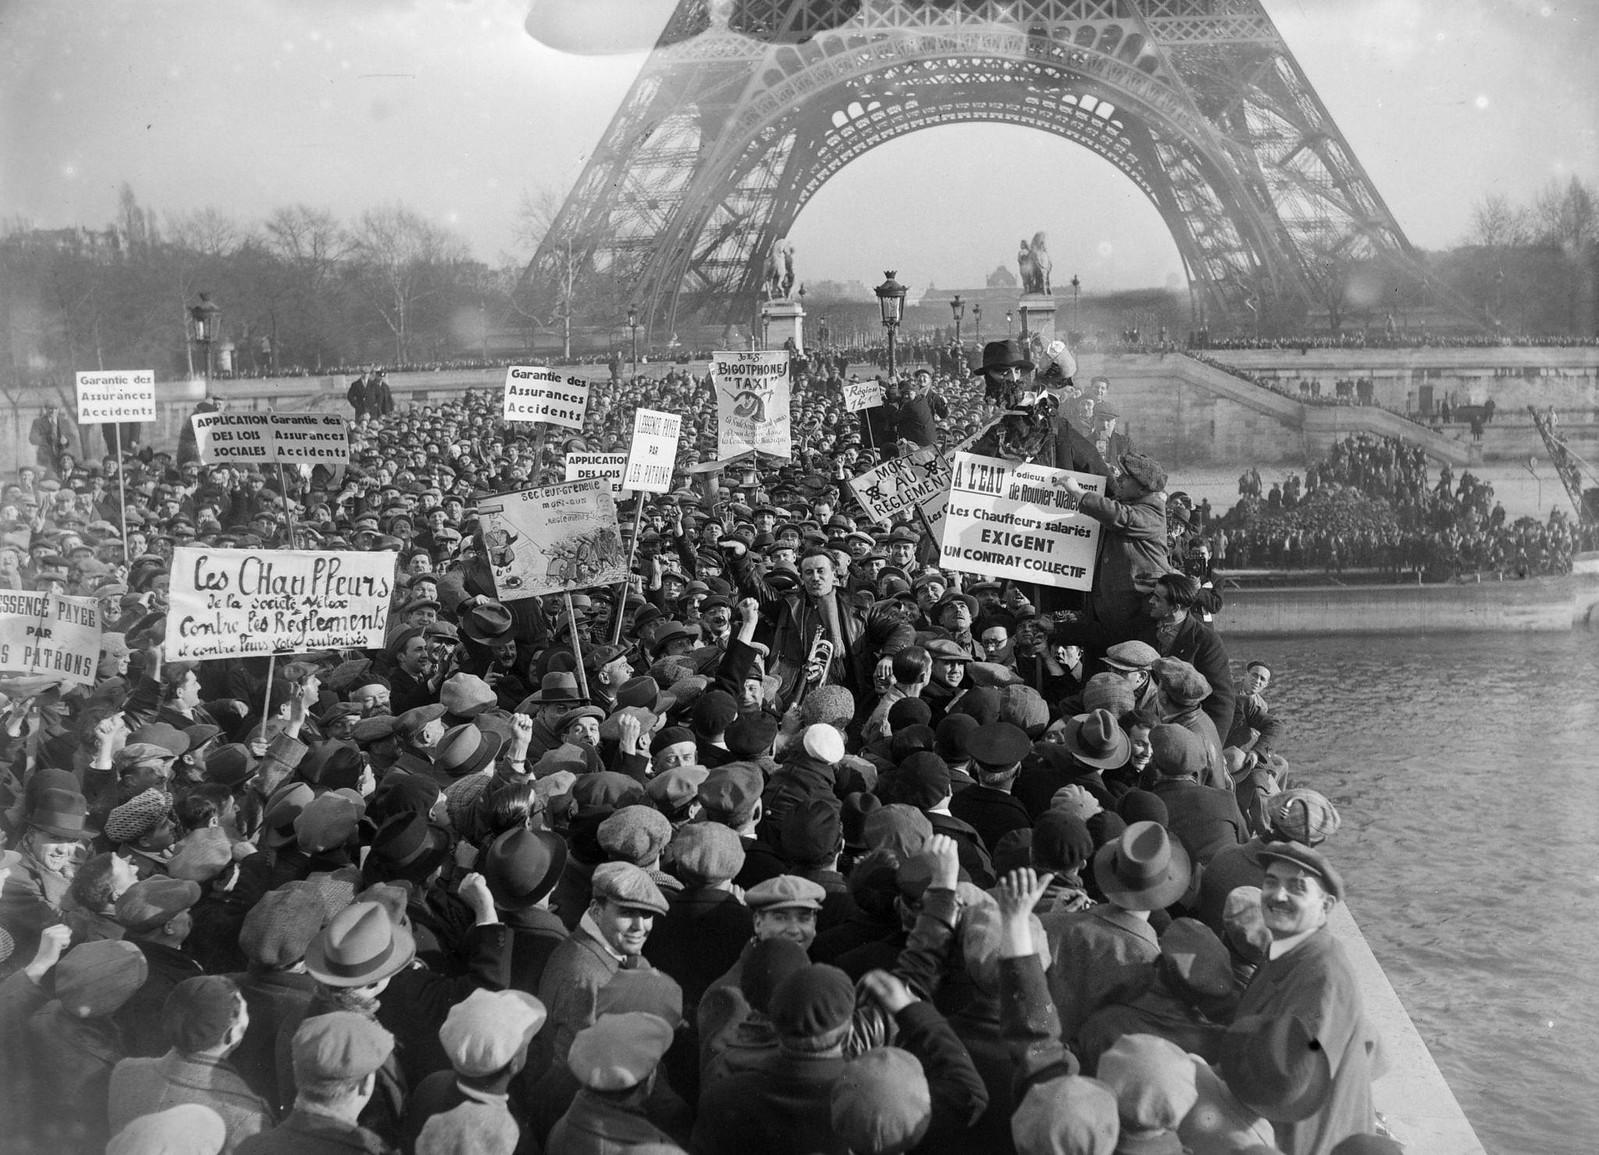 09. 1934. Забастовка таксистов. Толпа движется к Эйфелевой башне